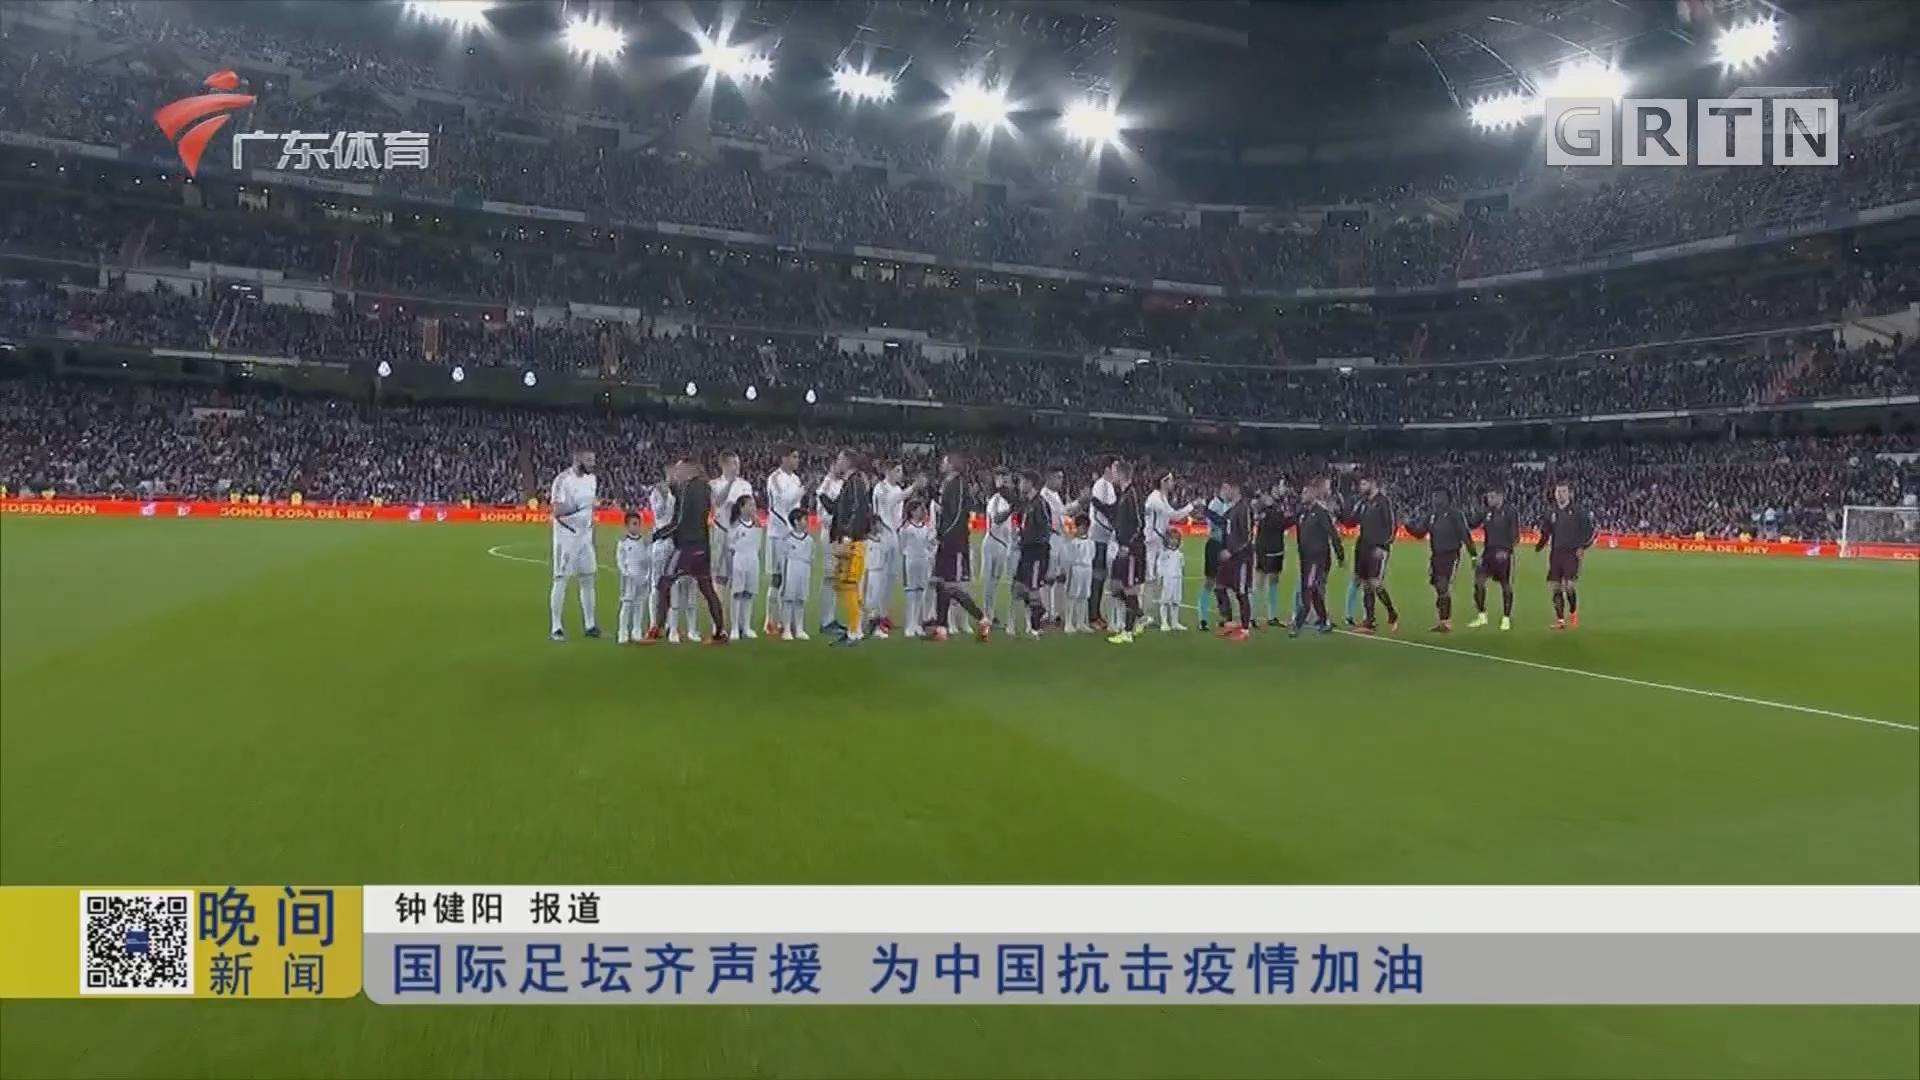 国际足坛齐声援 为中国抗击疫情加油